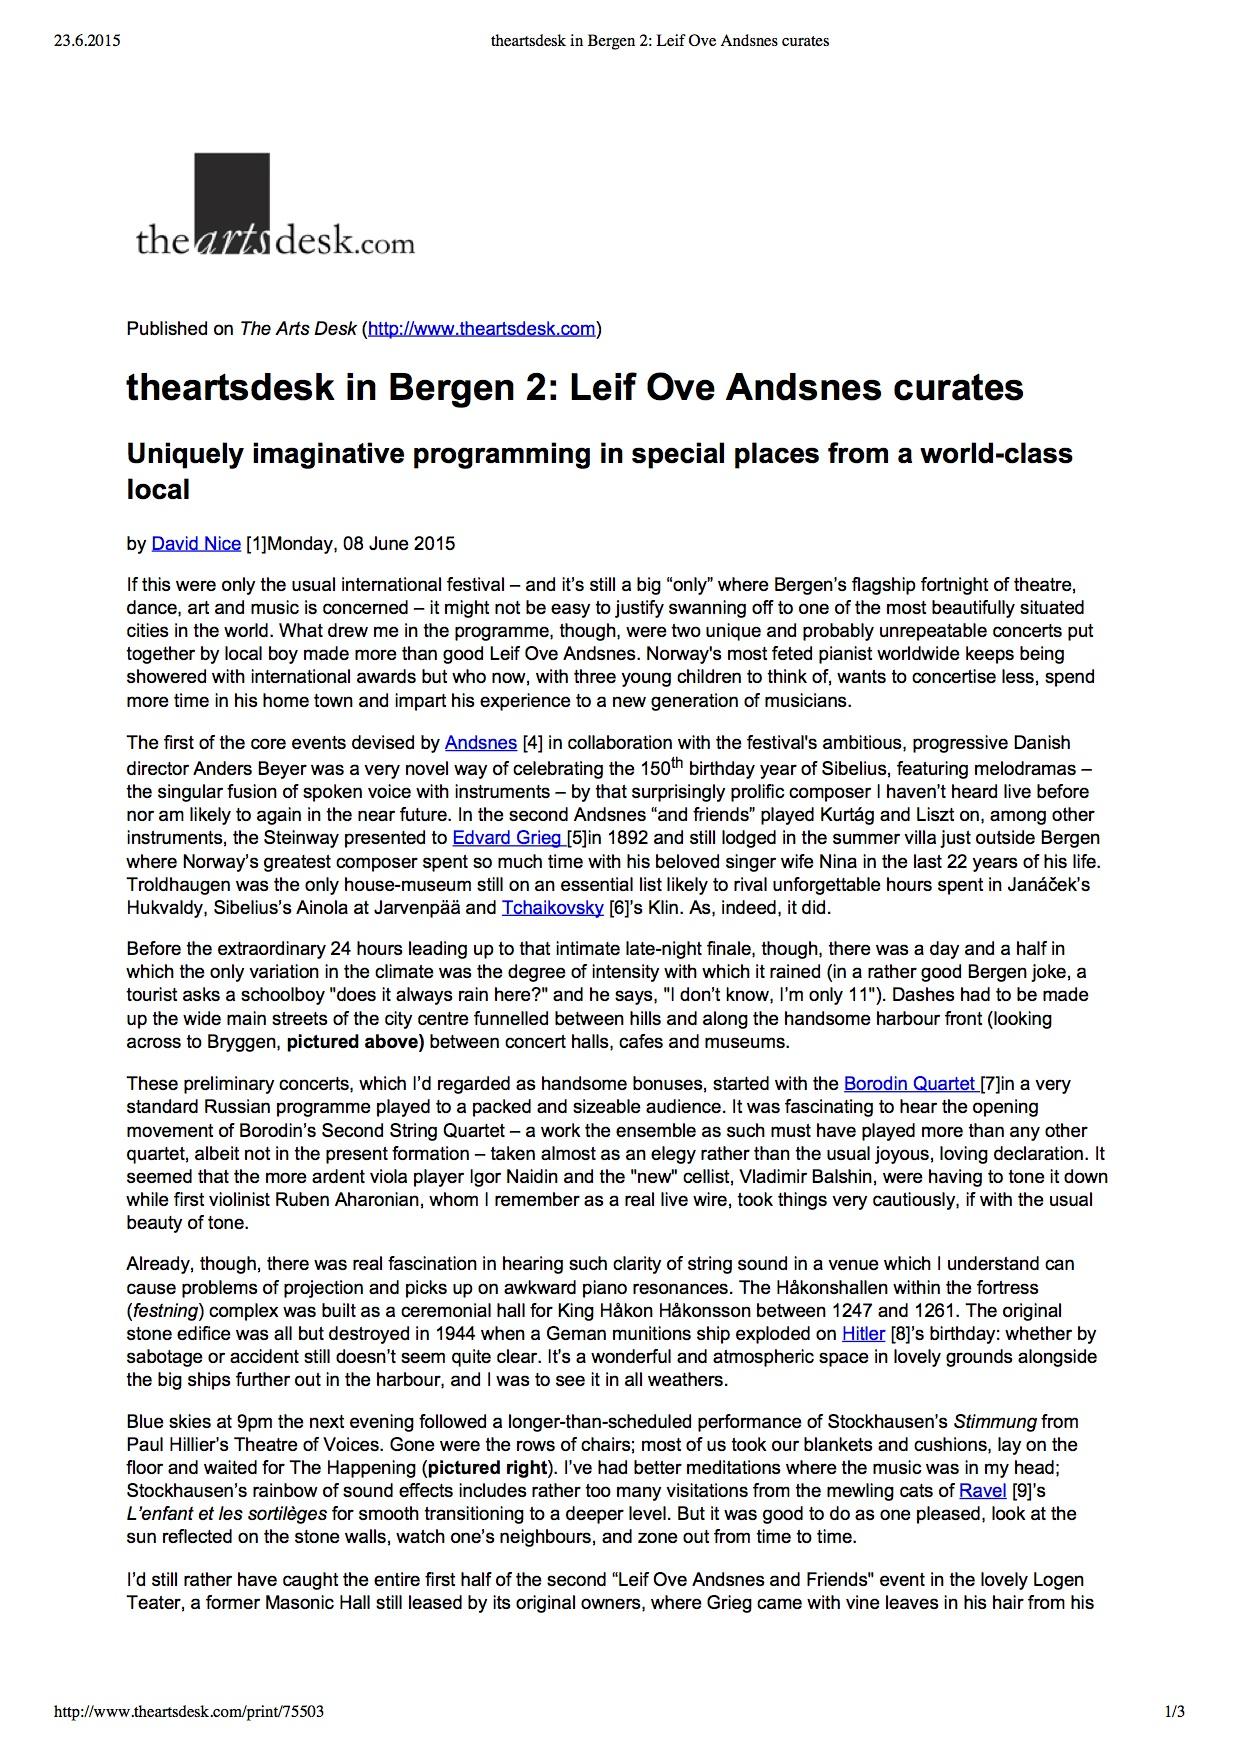 theartsdesk in Bergen 2_ Leif Ove Andsnes curates.jpg